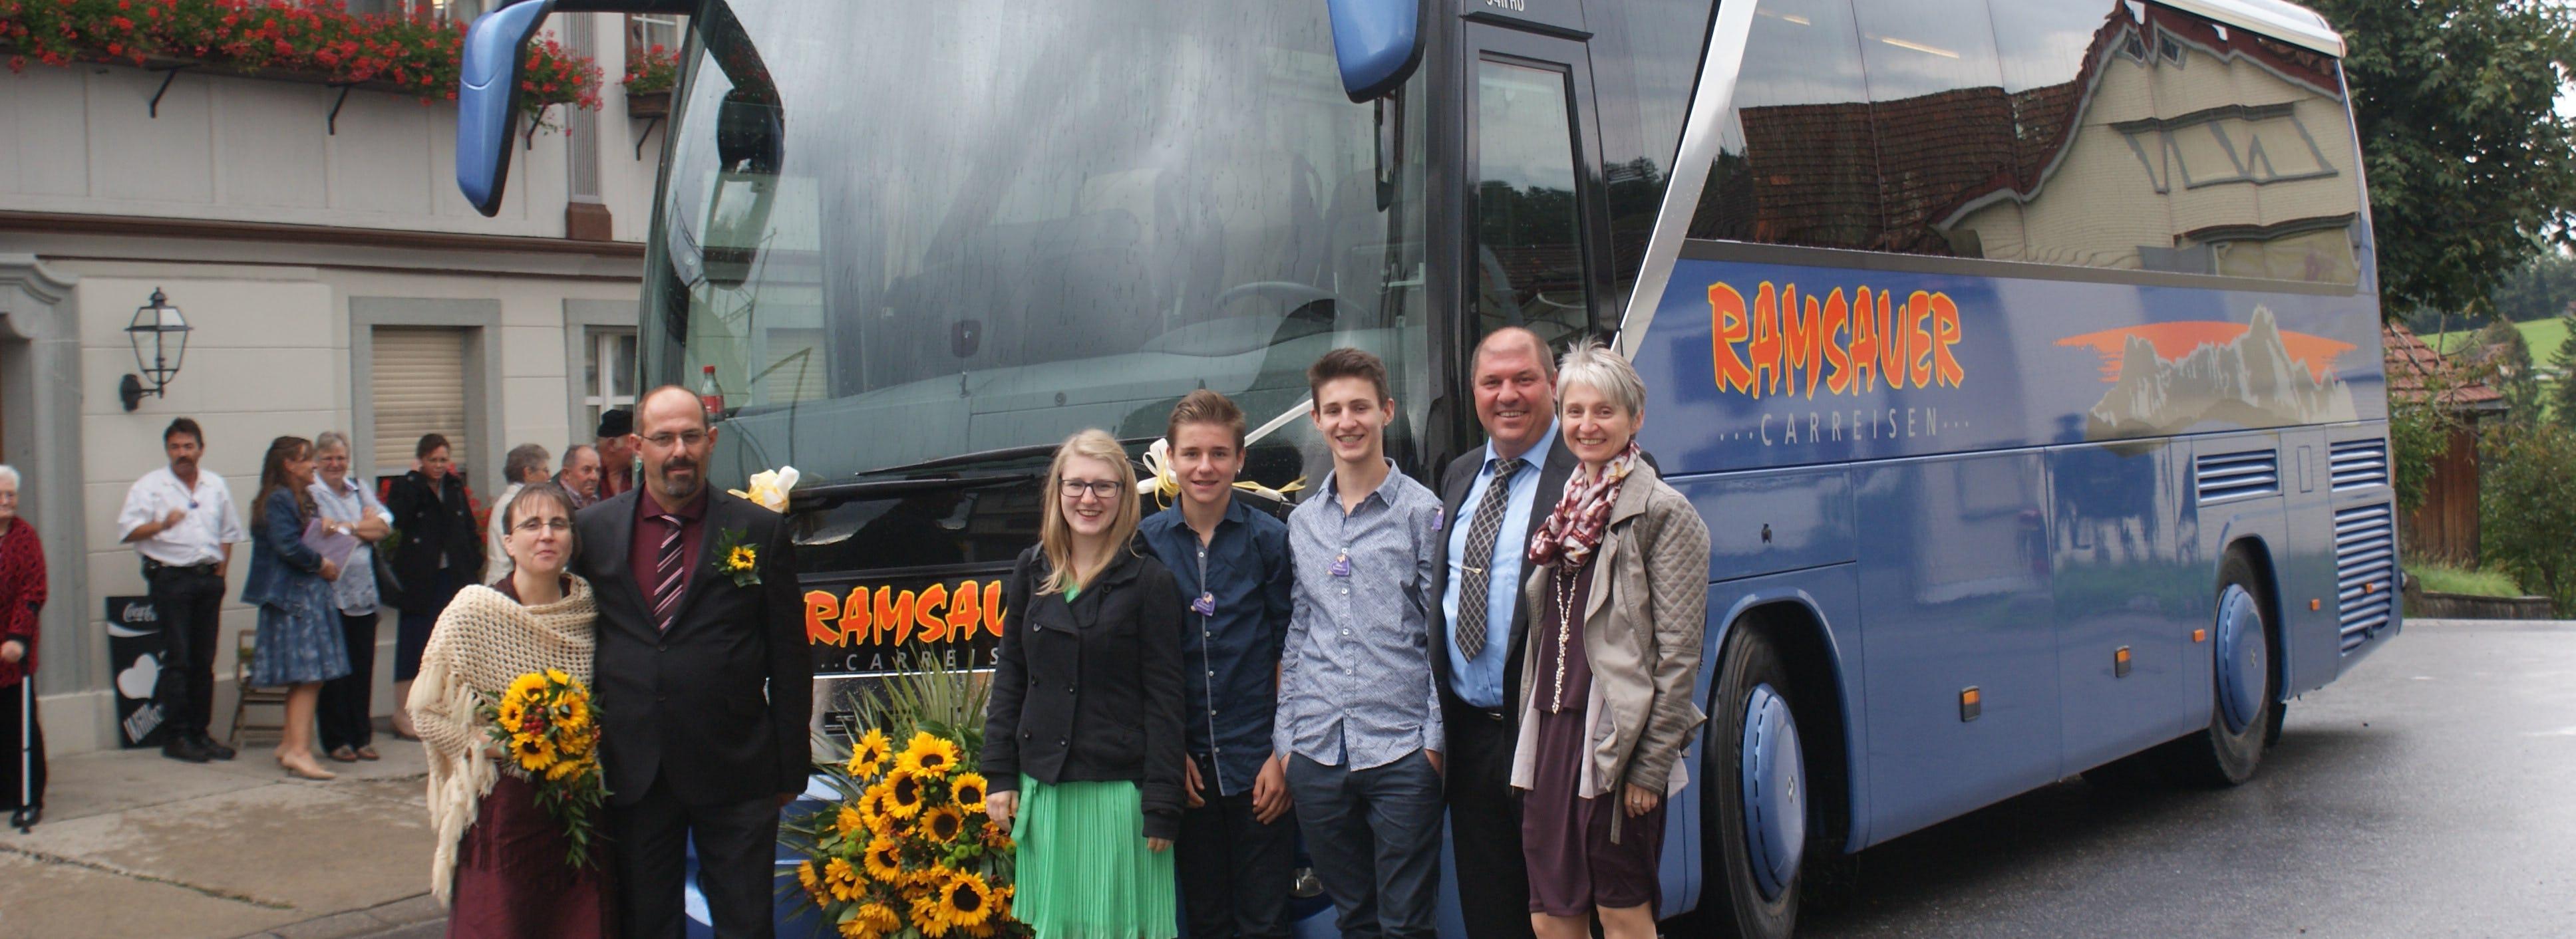 Familie Ramsauer Carreisen